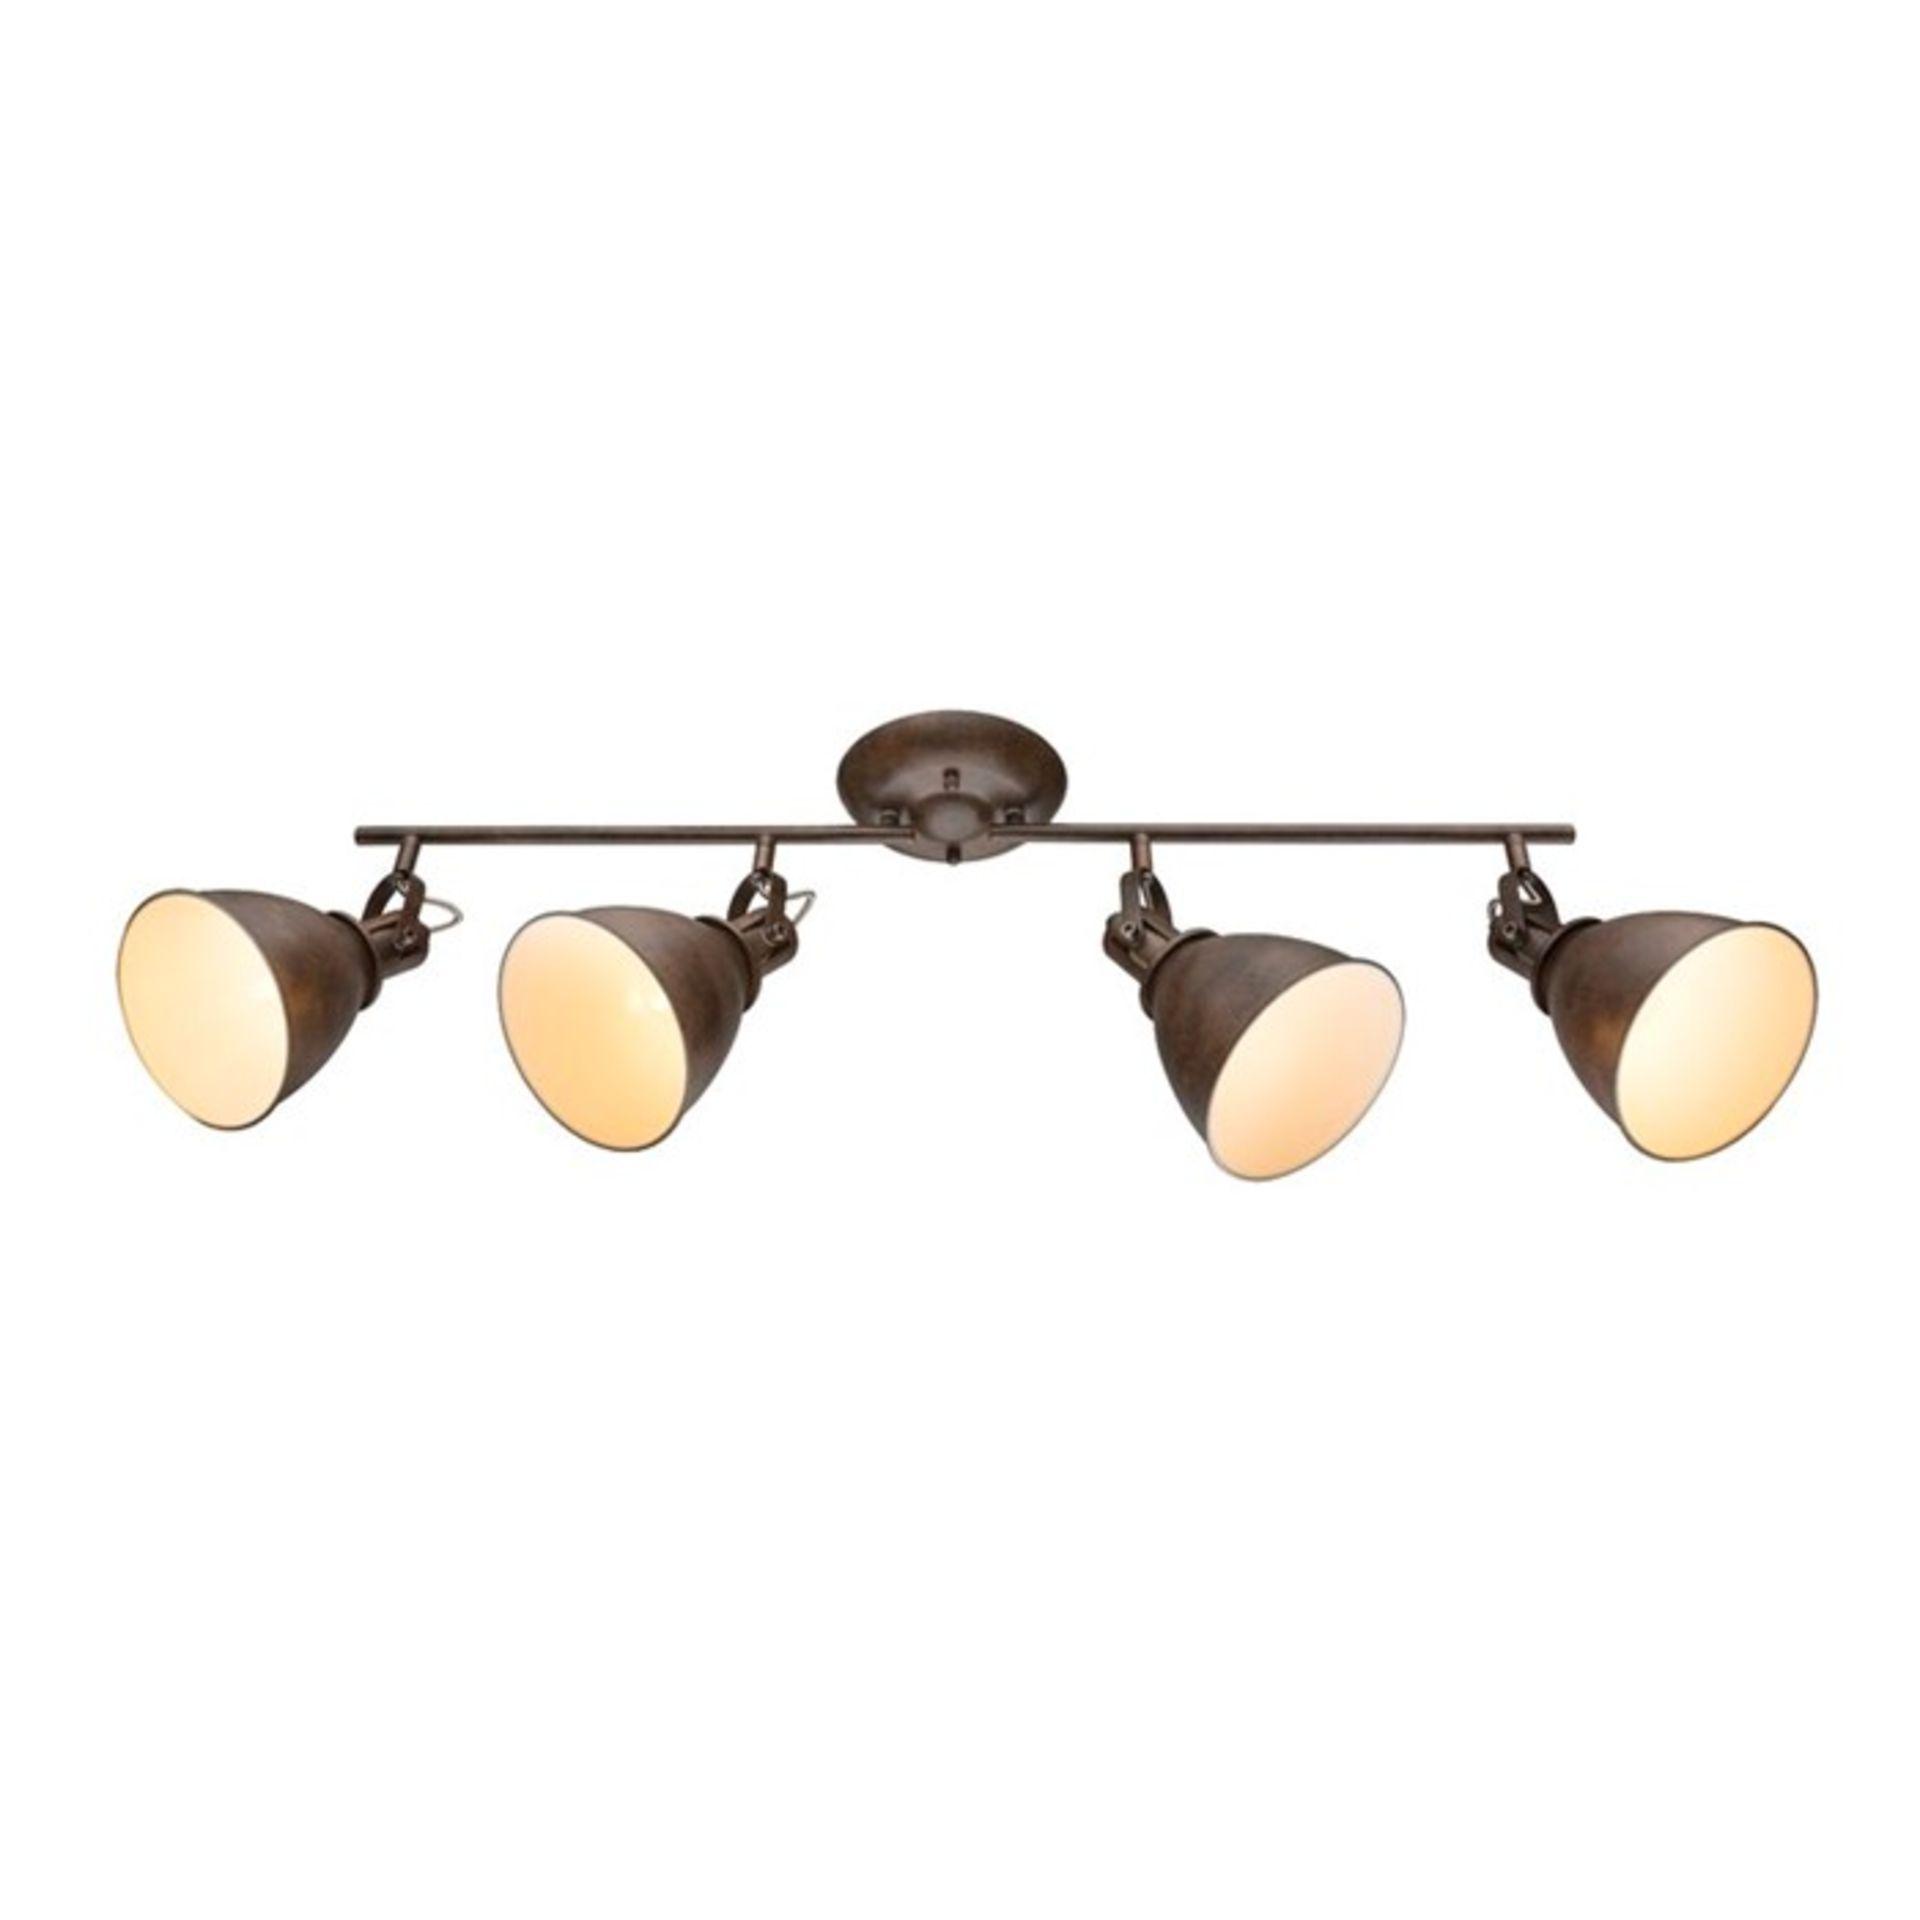 dCor design, 4 Light track kit (BLACK) - RRP £77.99 (DNOR9067 - 16136/45) 7E